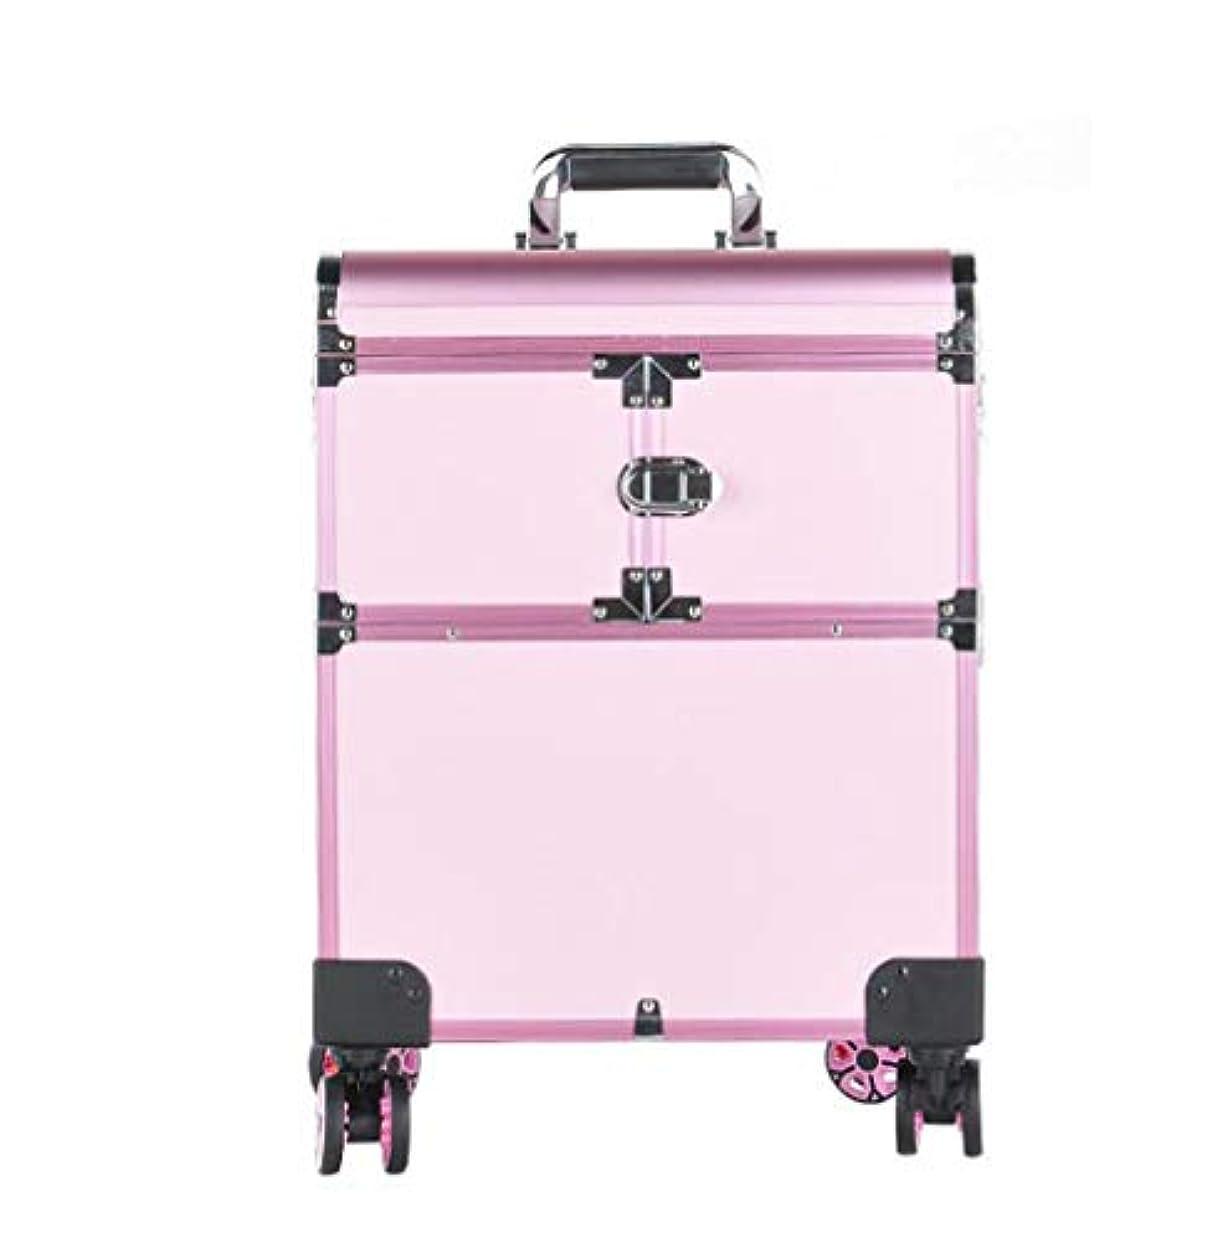 パール鉛廃棄するBUMC 特大化粧列車化粧トロリーケース、多層大容量プロフェッショナル化粧品ポータブルレバーオーガナイザー収納ビューティーボックス,Pink